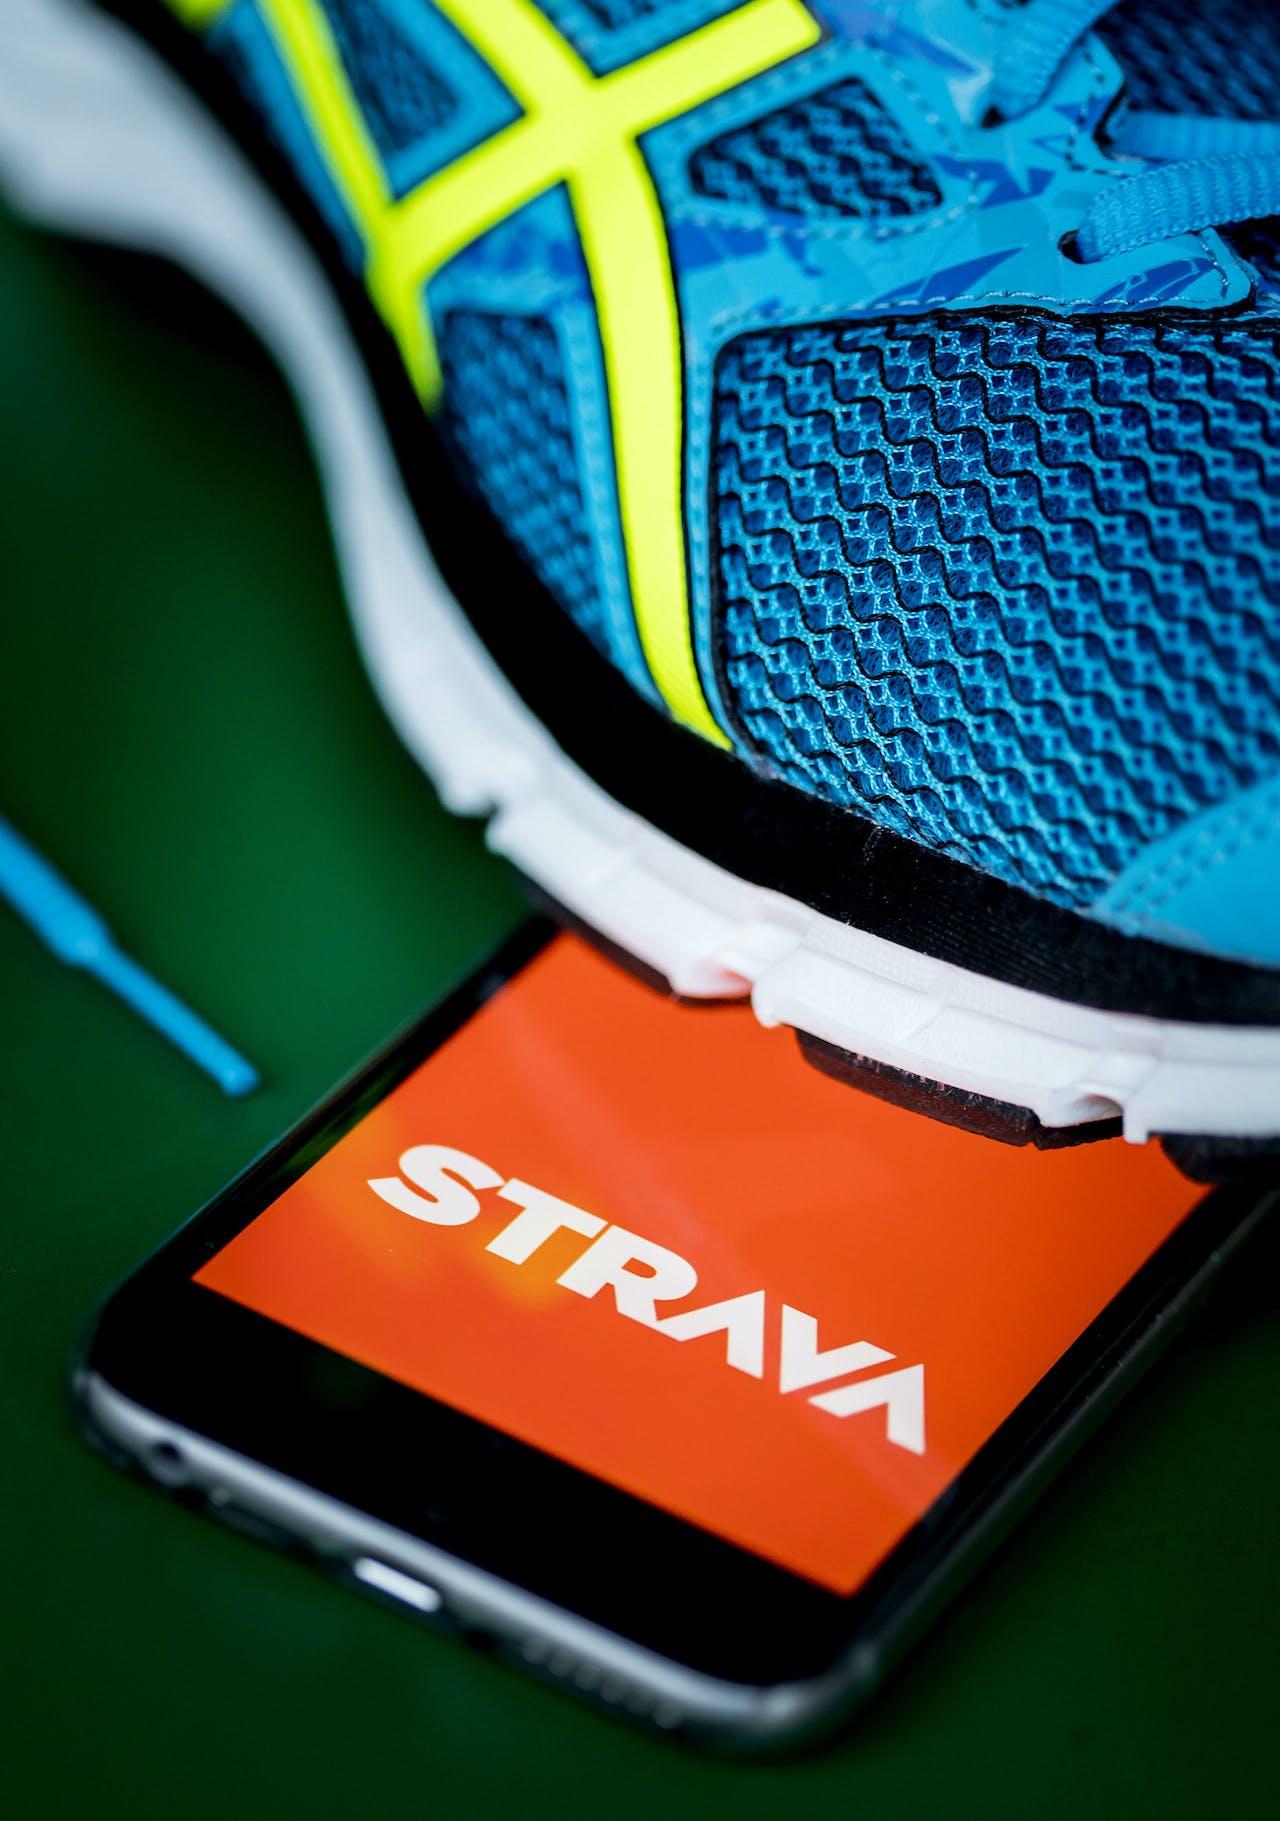 De sport-app Strava op een telefoon. De mobiele applicatie wordt gebruikt door sporters als hulpmiddel bij het uitoefenen van hun sport.